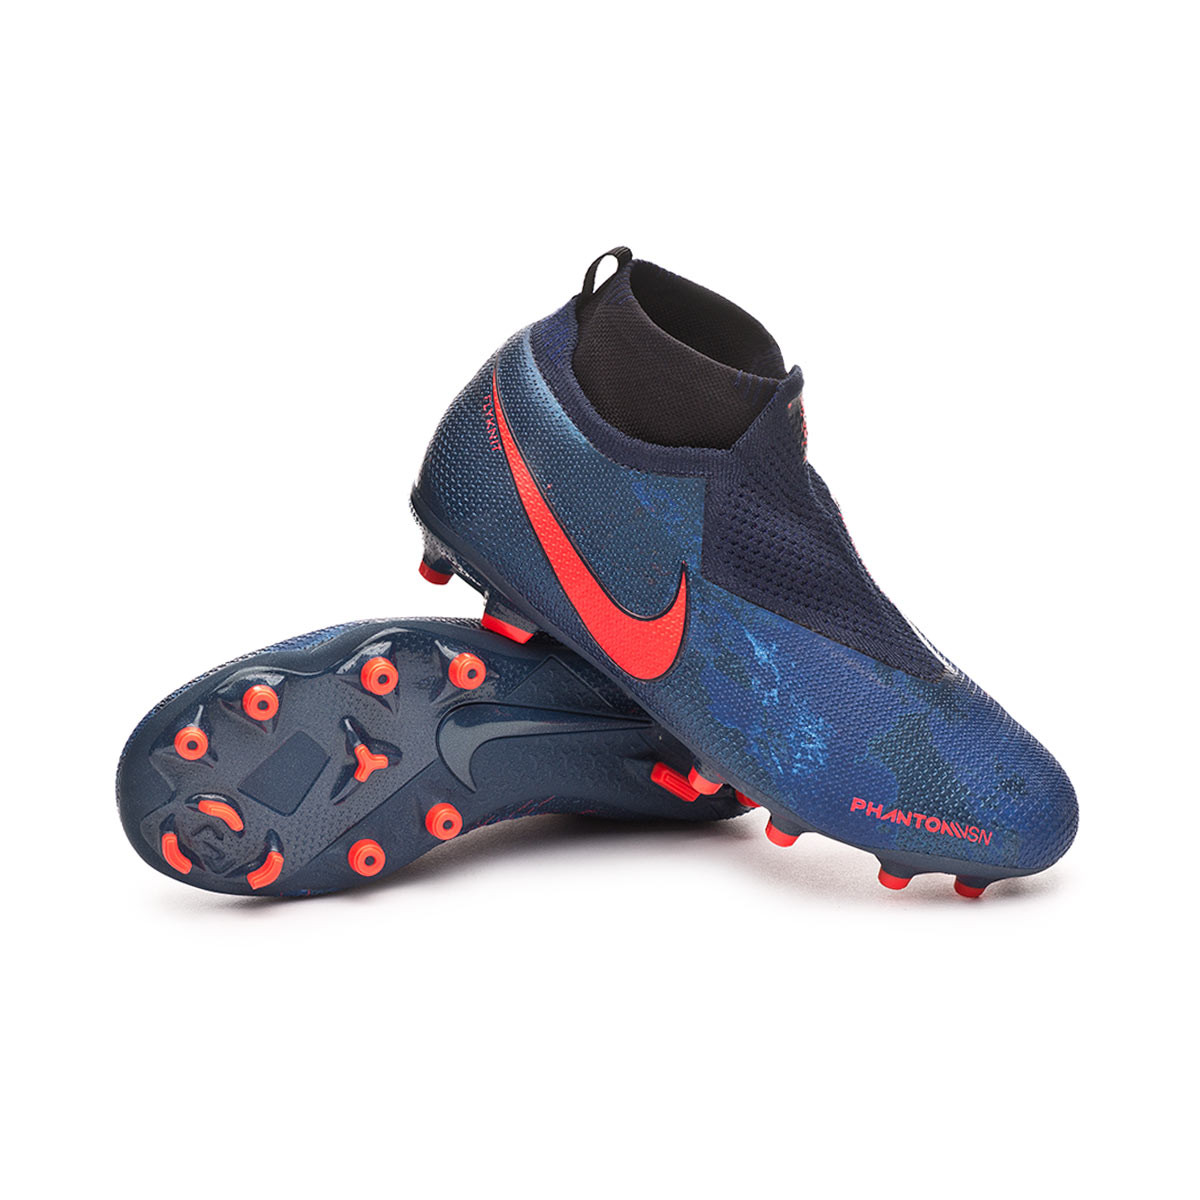 79ce93e6f Nike Phantom Vision Elite DF FG MG Niño Football Boots. Obsidian-Black-Blue  void ...